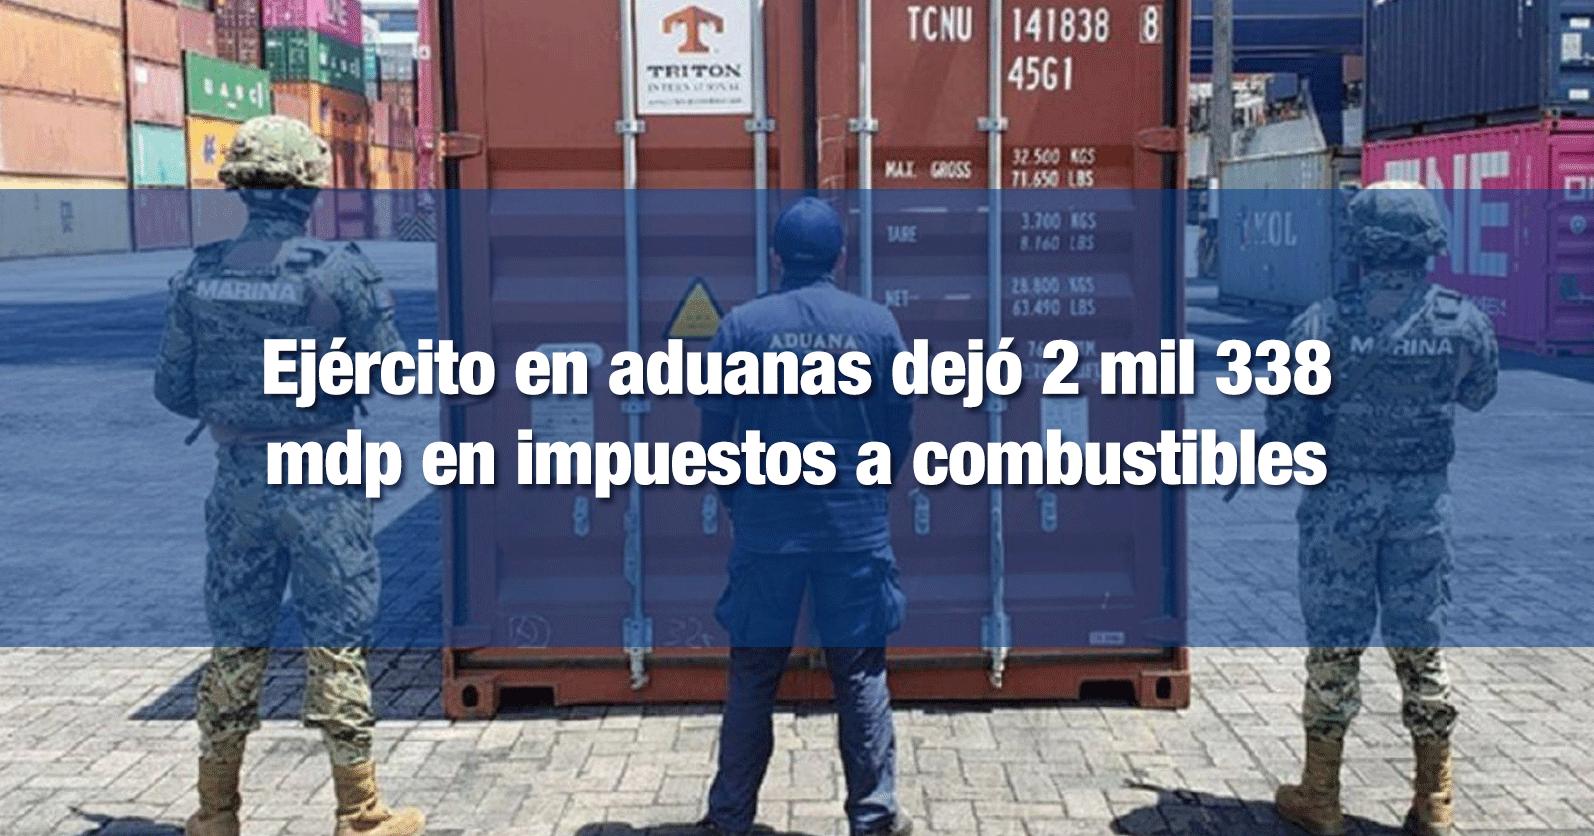 Ejército en aduanas dejó 2 mil 338 mdp en impuestos a combustibles